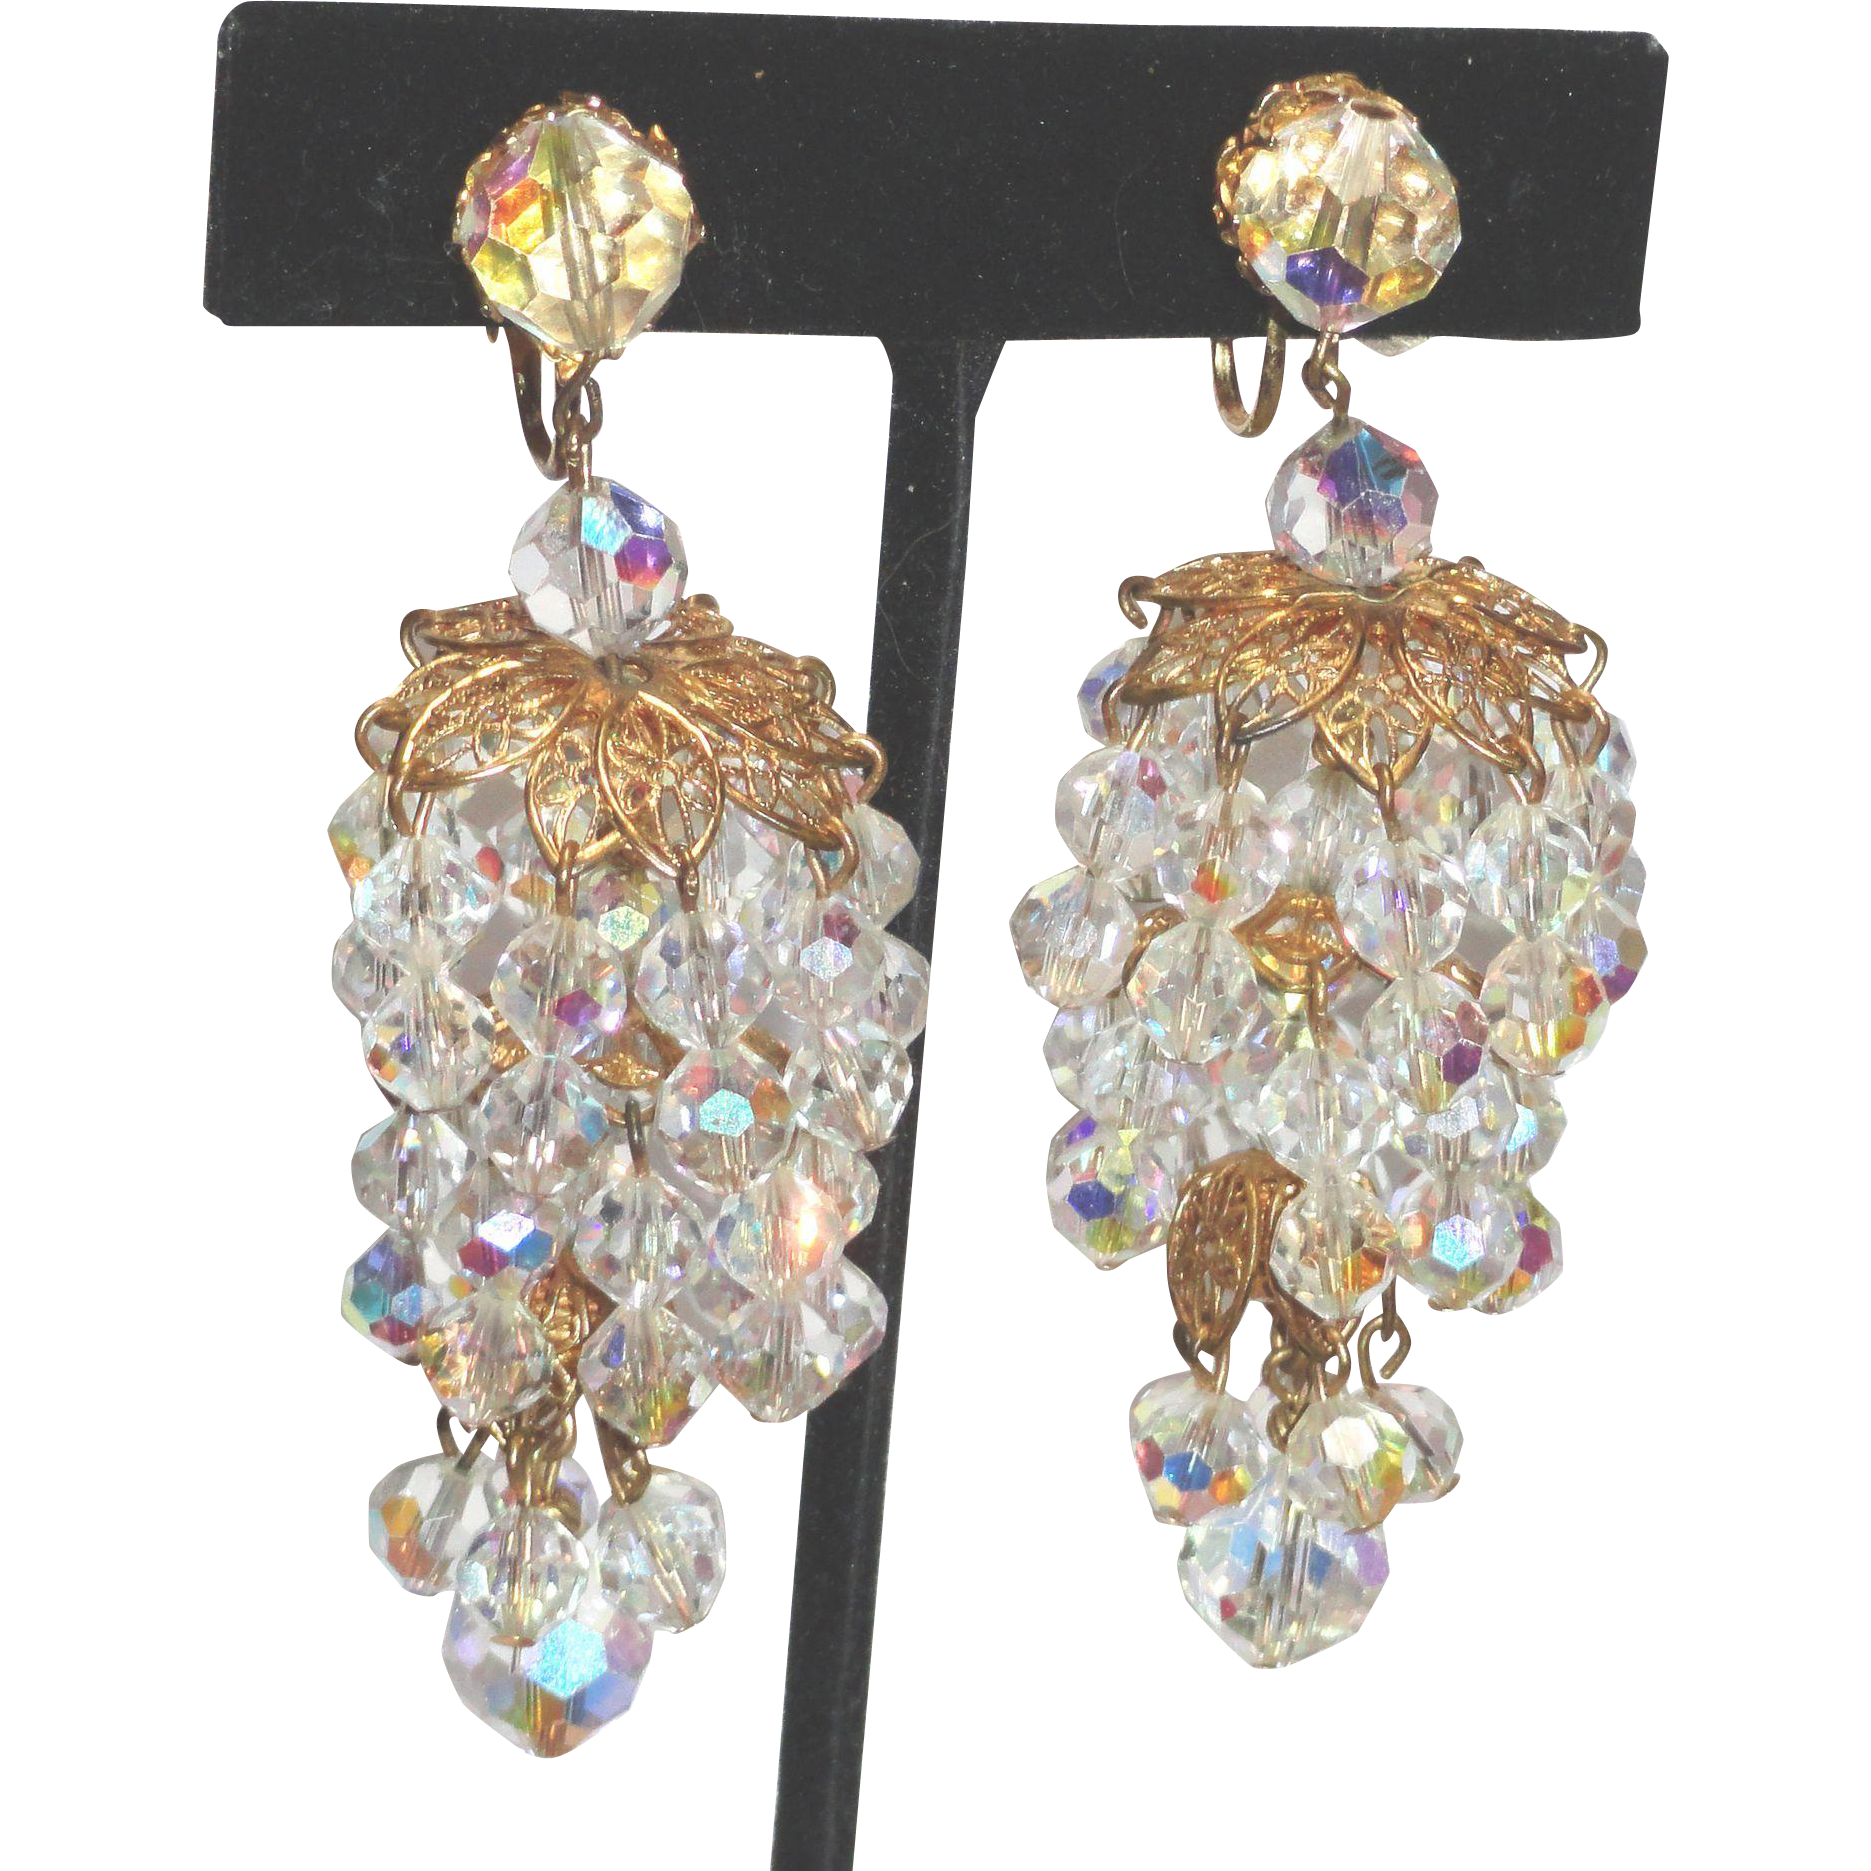 Aurora Borealis Rhinestone Crystal Chandelier Tiered Shoulder Duster Earrings